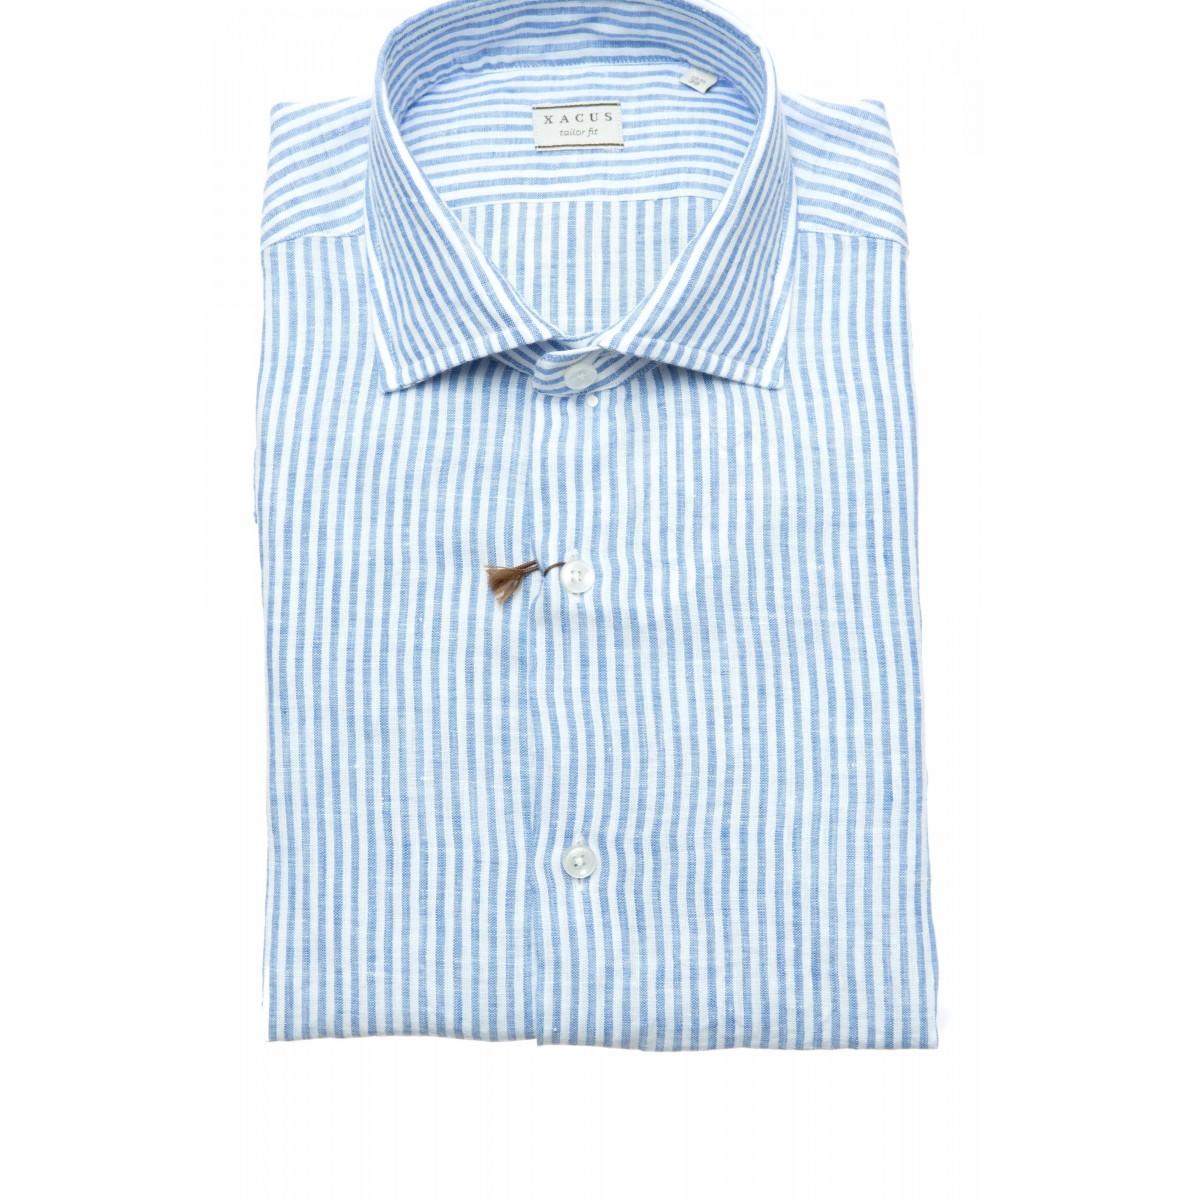 Camicia uomo - 748 41232 lino lavato